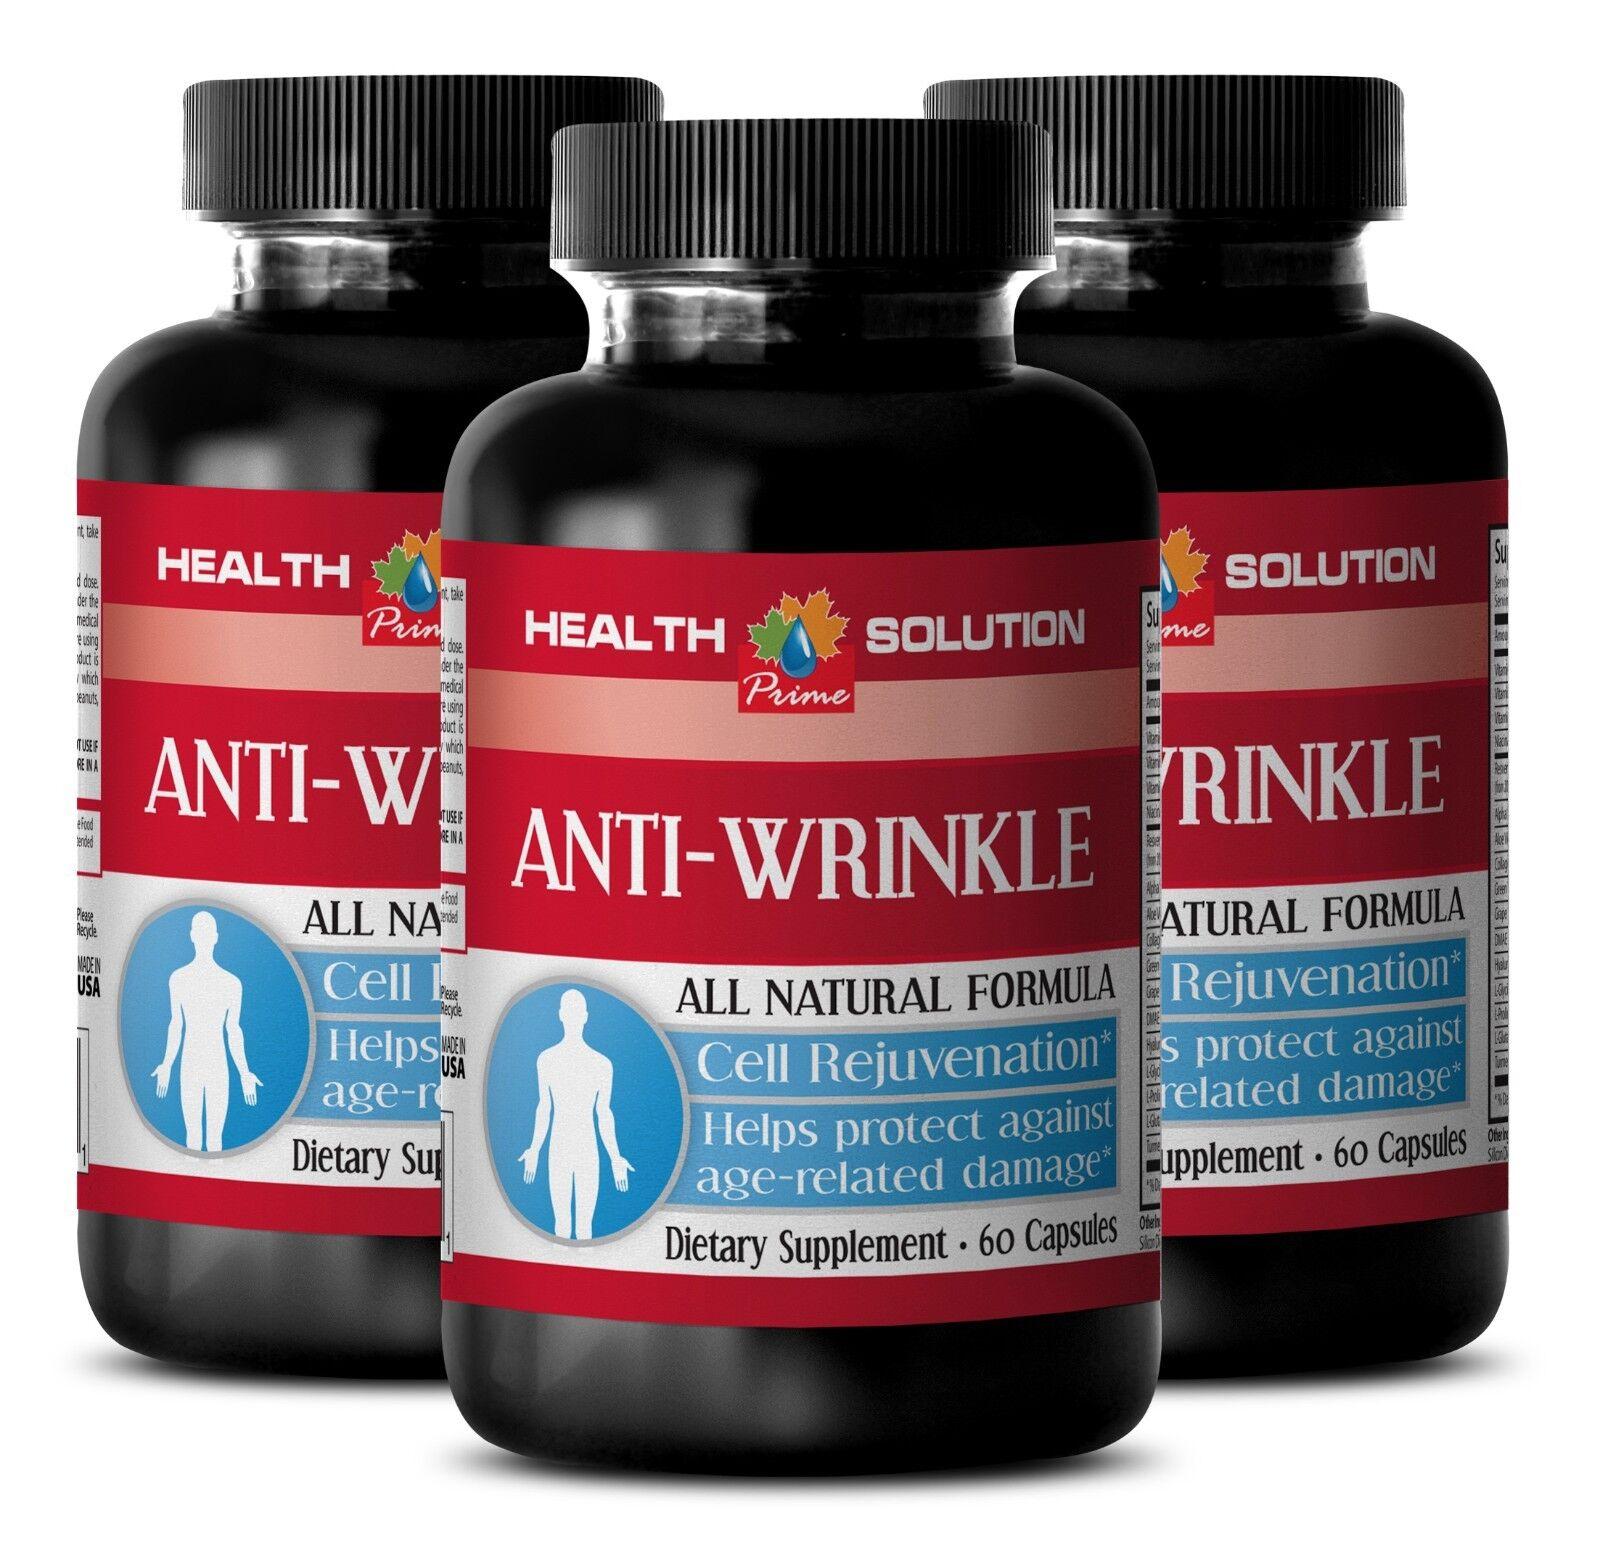 Skin Regeneration - Anti-wrinkle Boost 1275mg - Collagen ...